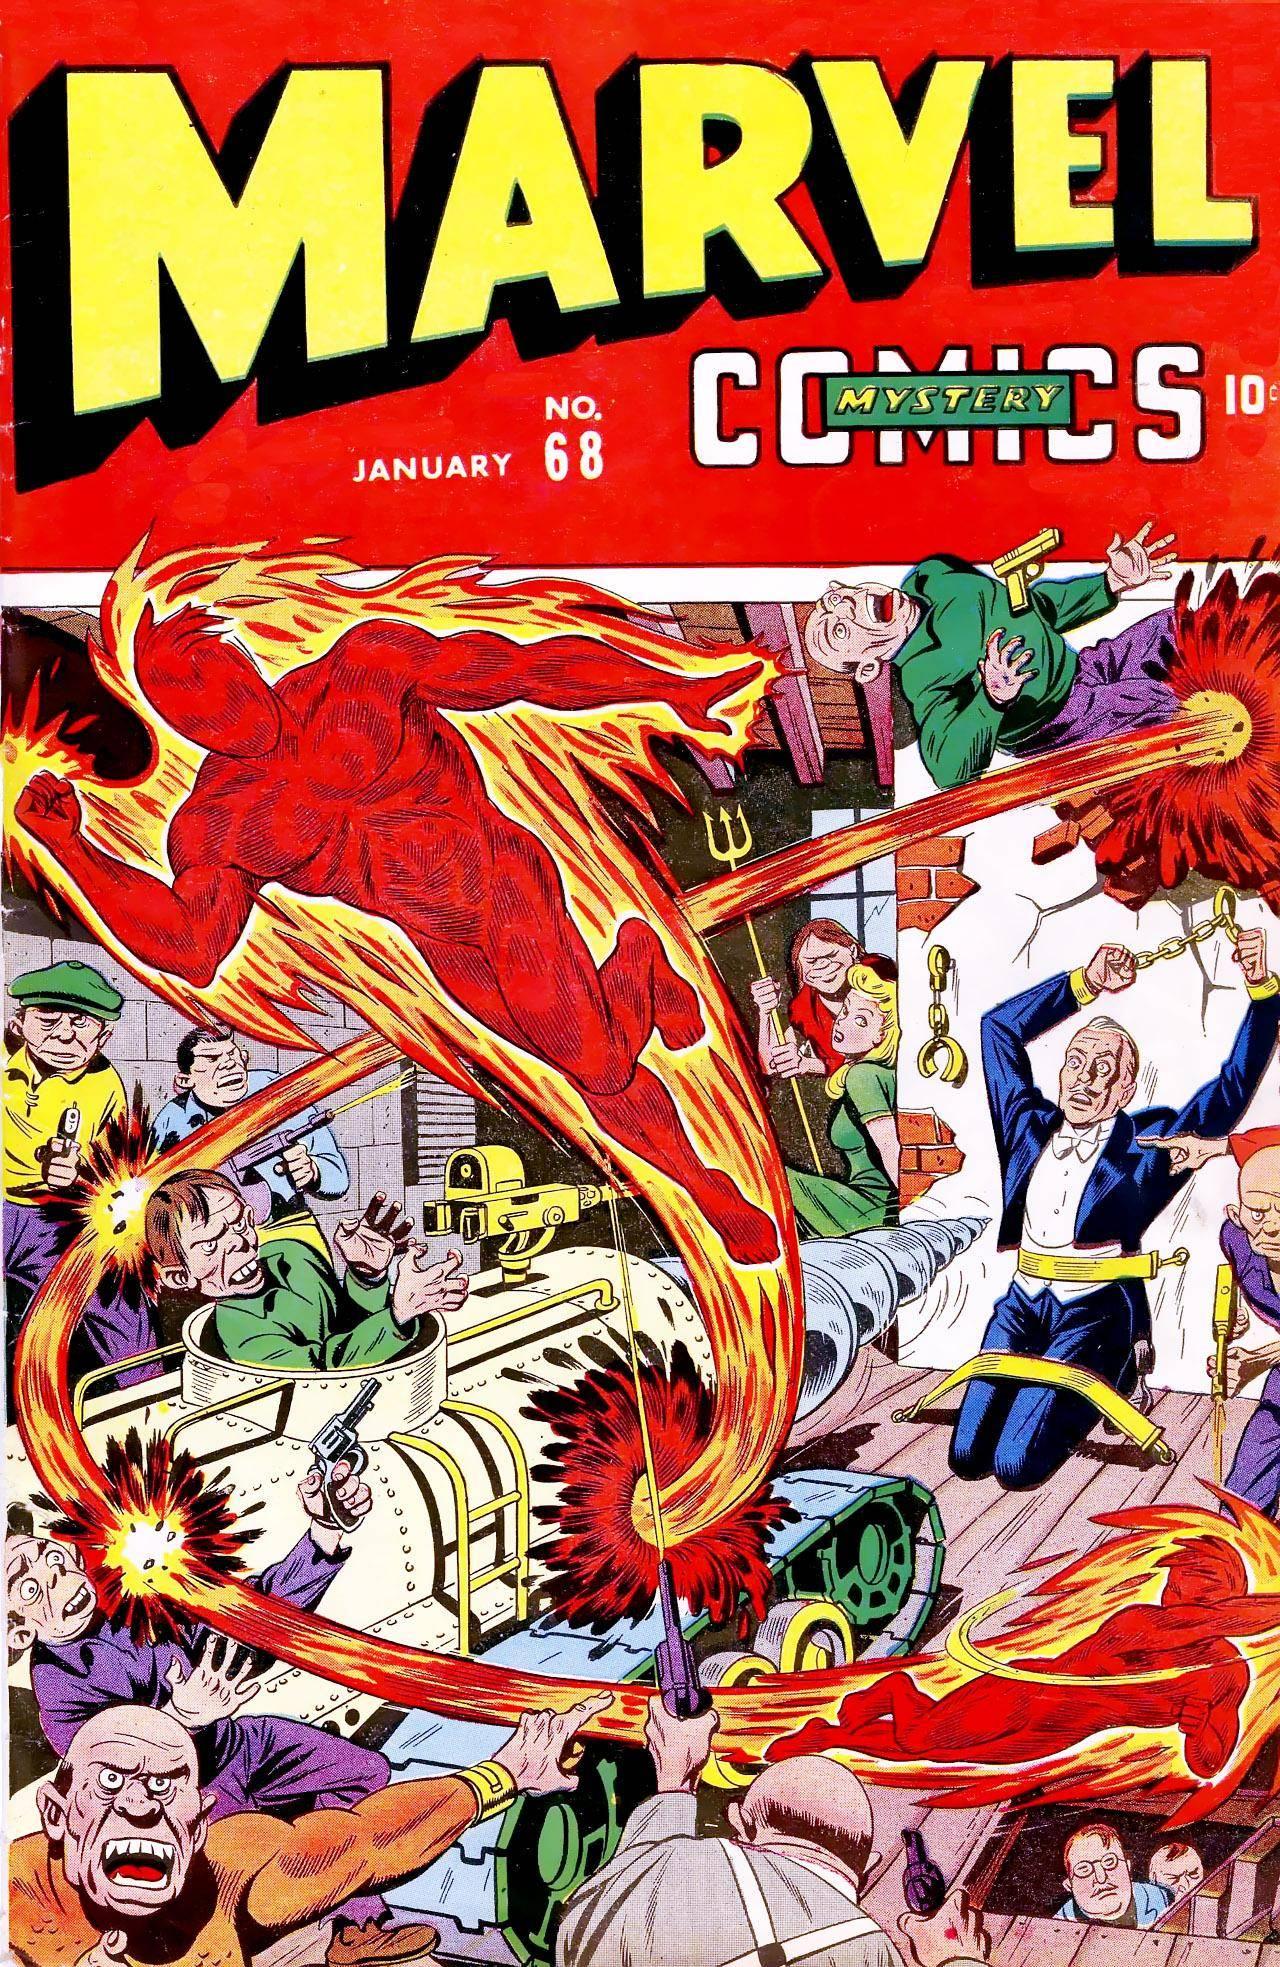 Marvel Mystery Comics v1 068